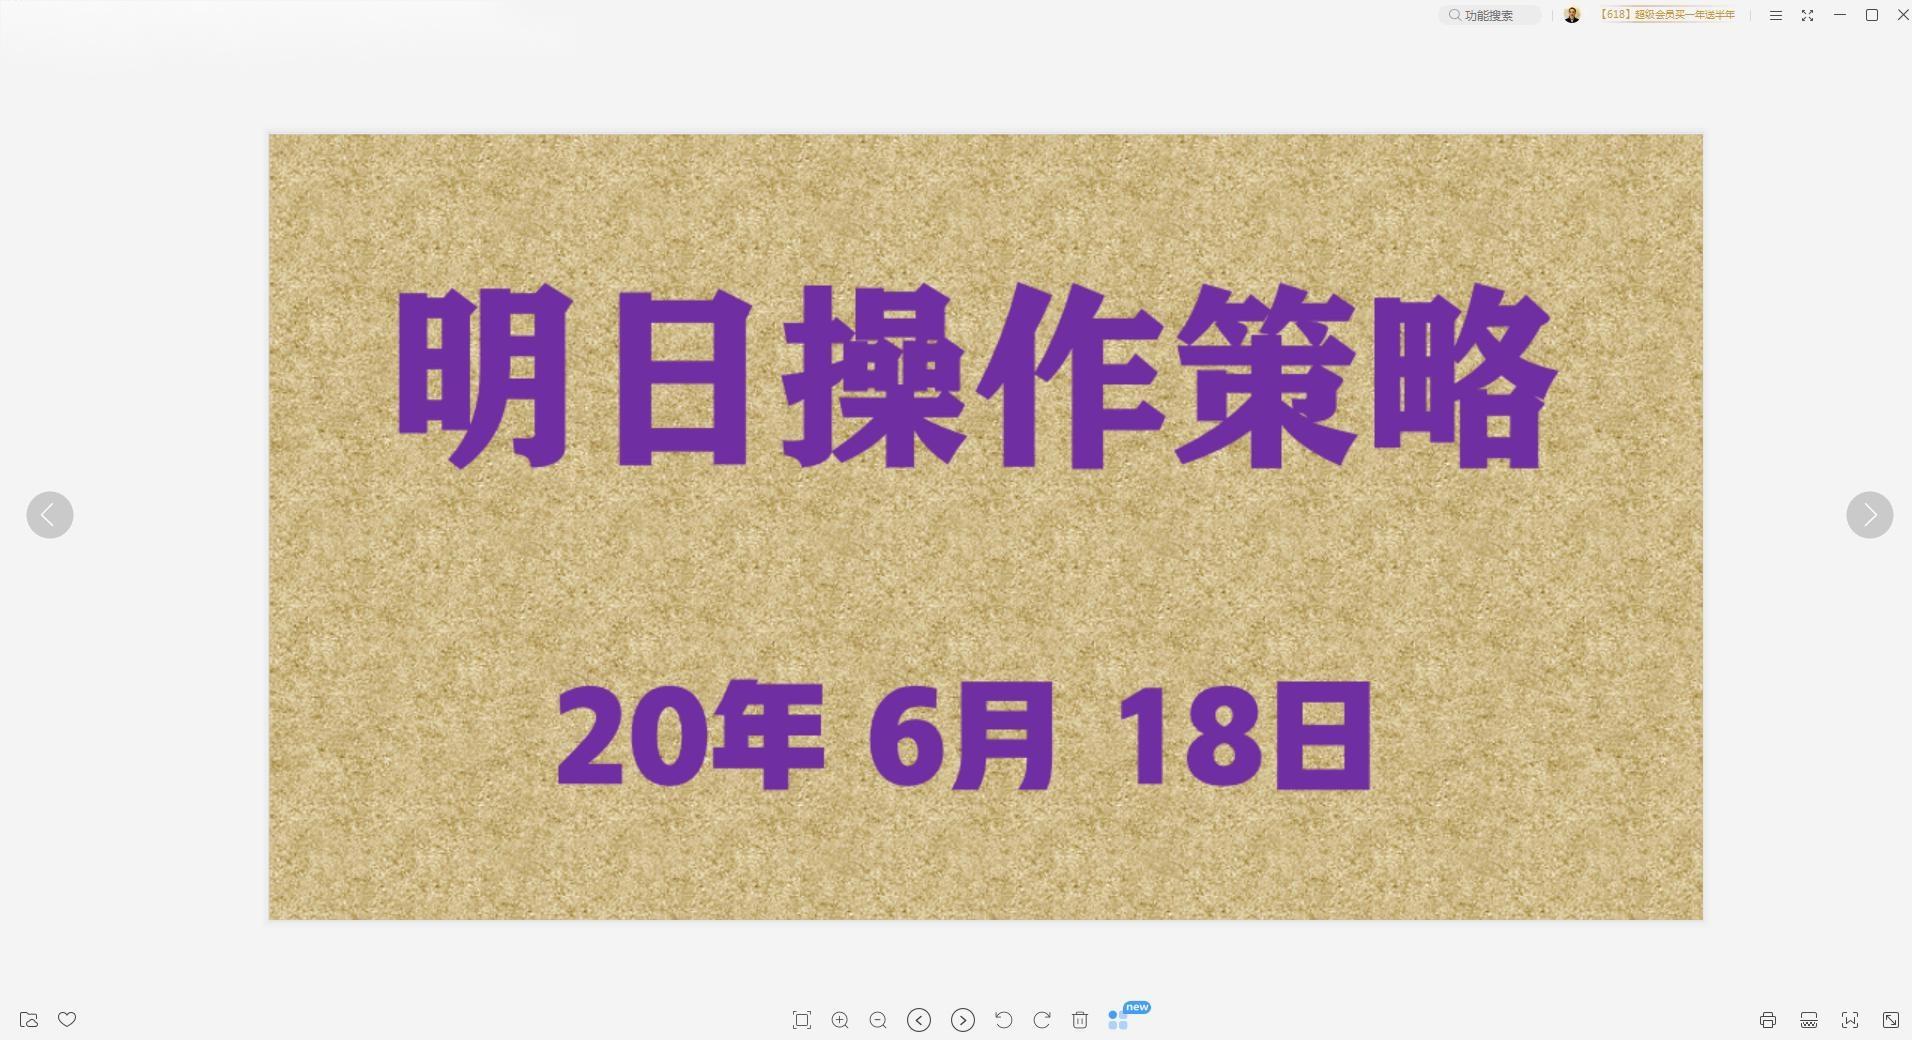 股票入门基础知识 明日操作策略【6-18日】